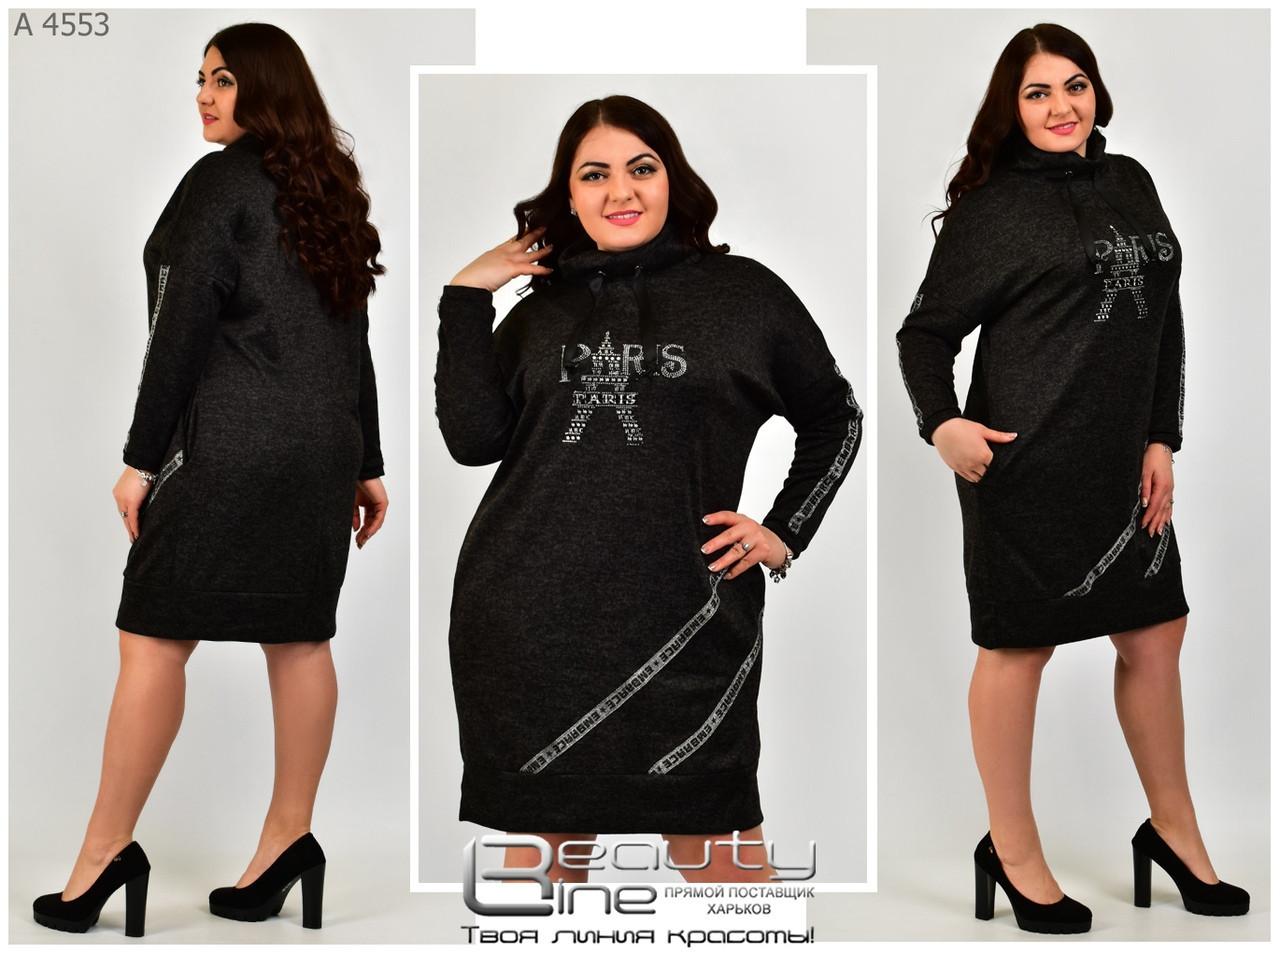 Женское платье в большом размере раз.56.58.60.62.64.66.68.70